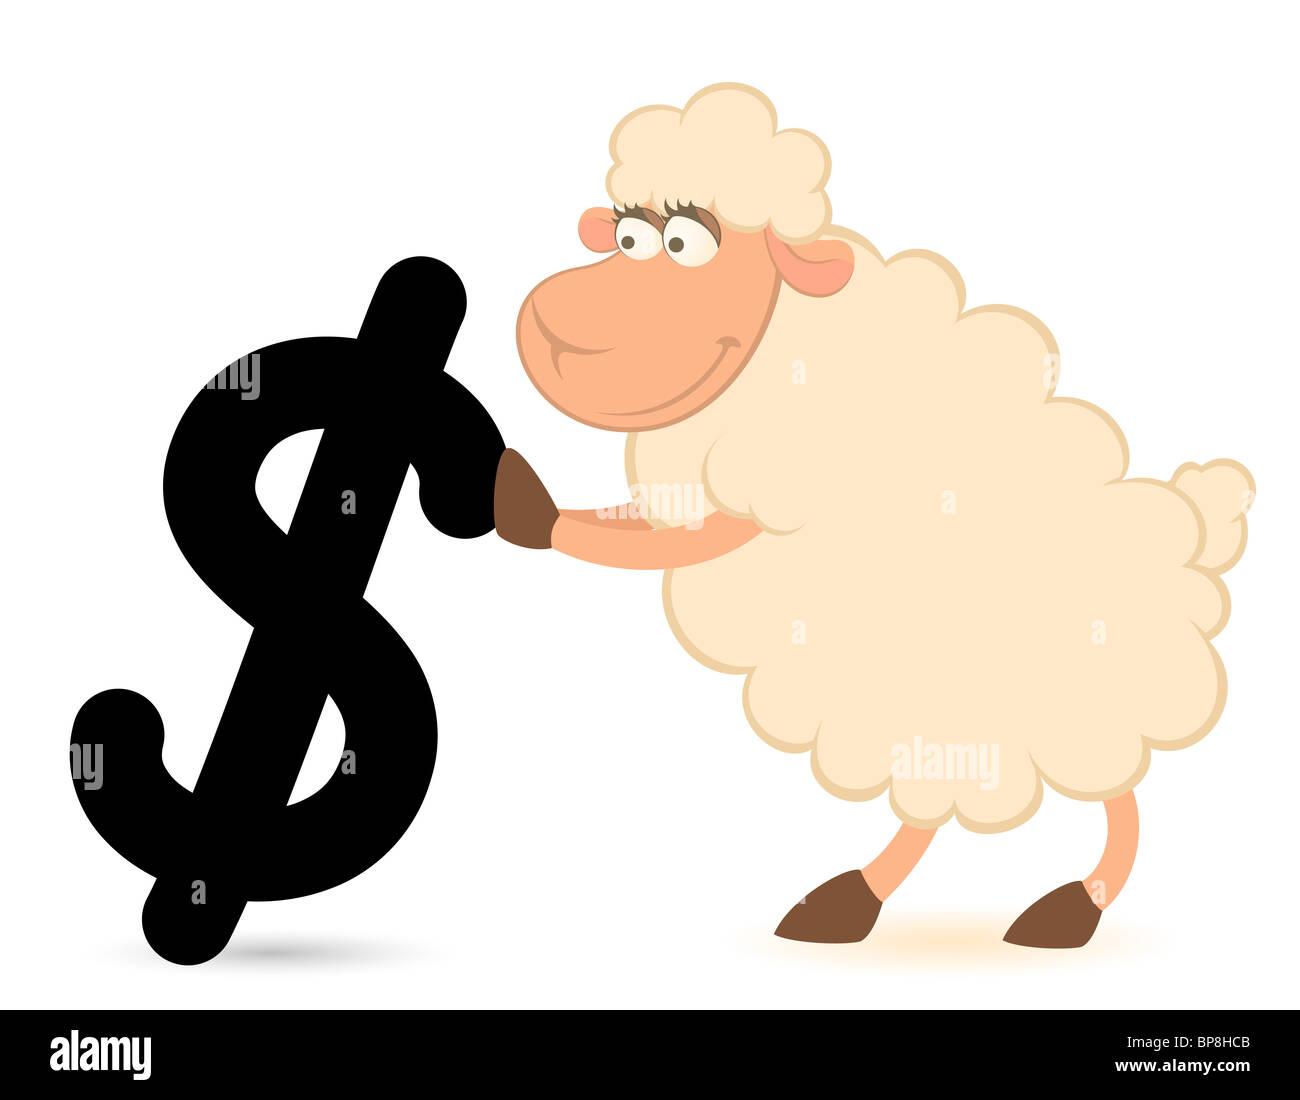 Cartoon-Schaf mit dem Zeichen des Dollar auf weißem Hintergrund Stockbild